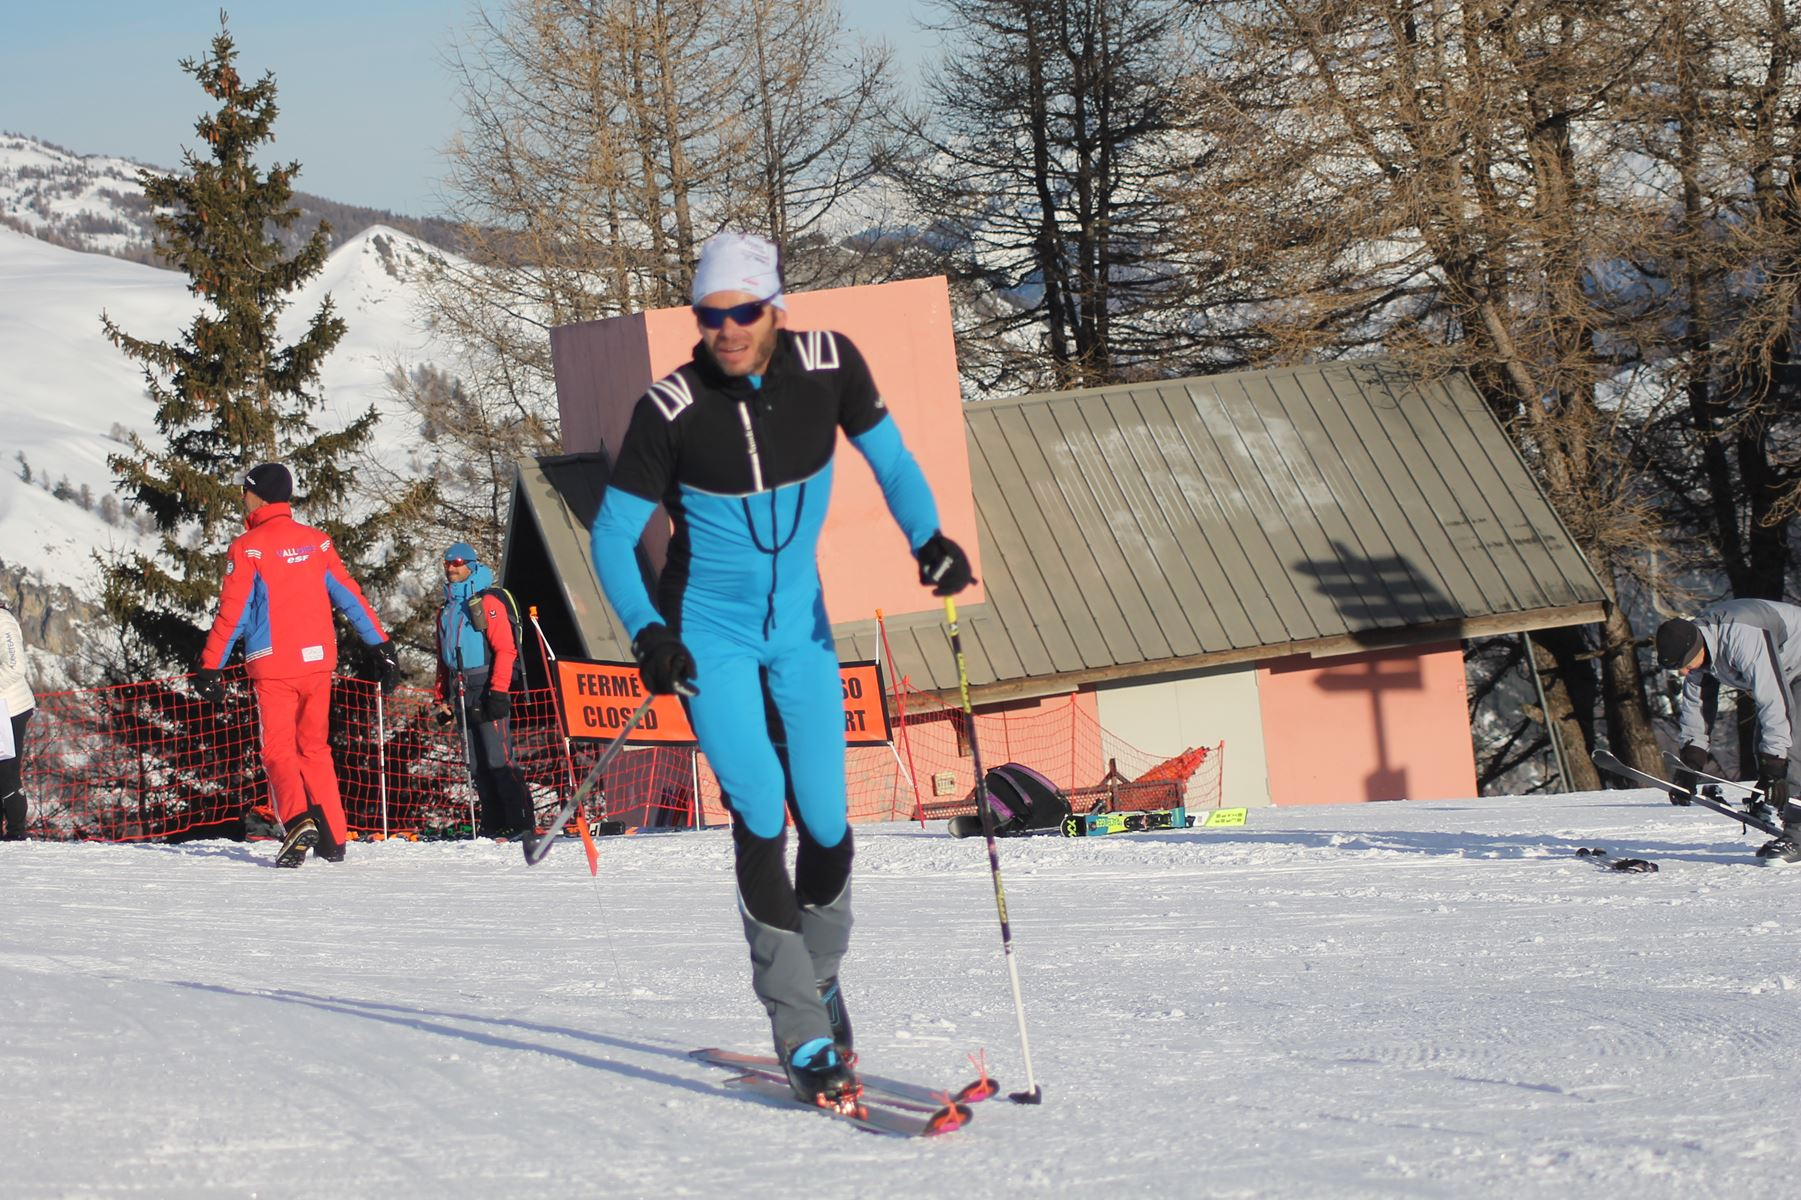 Ludo Pommeret 8eme - Résultats de la 3ème édition du Valloire Dynafit Vertical (ski alpi) 04/01/2020